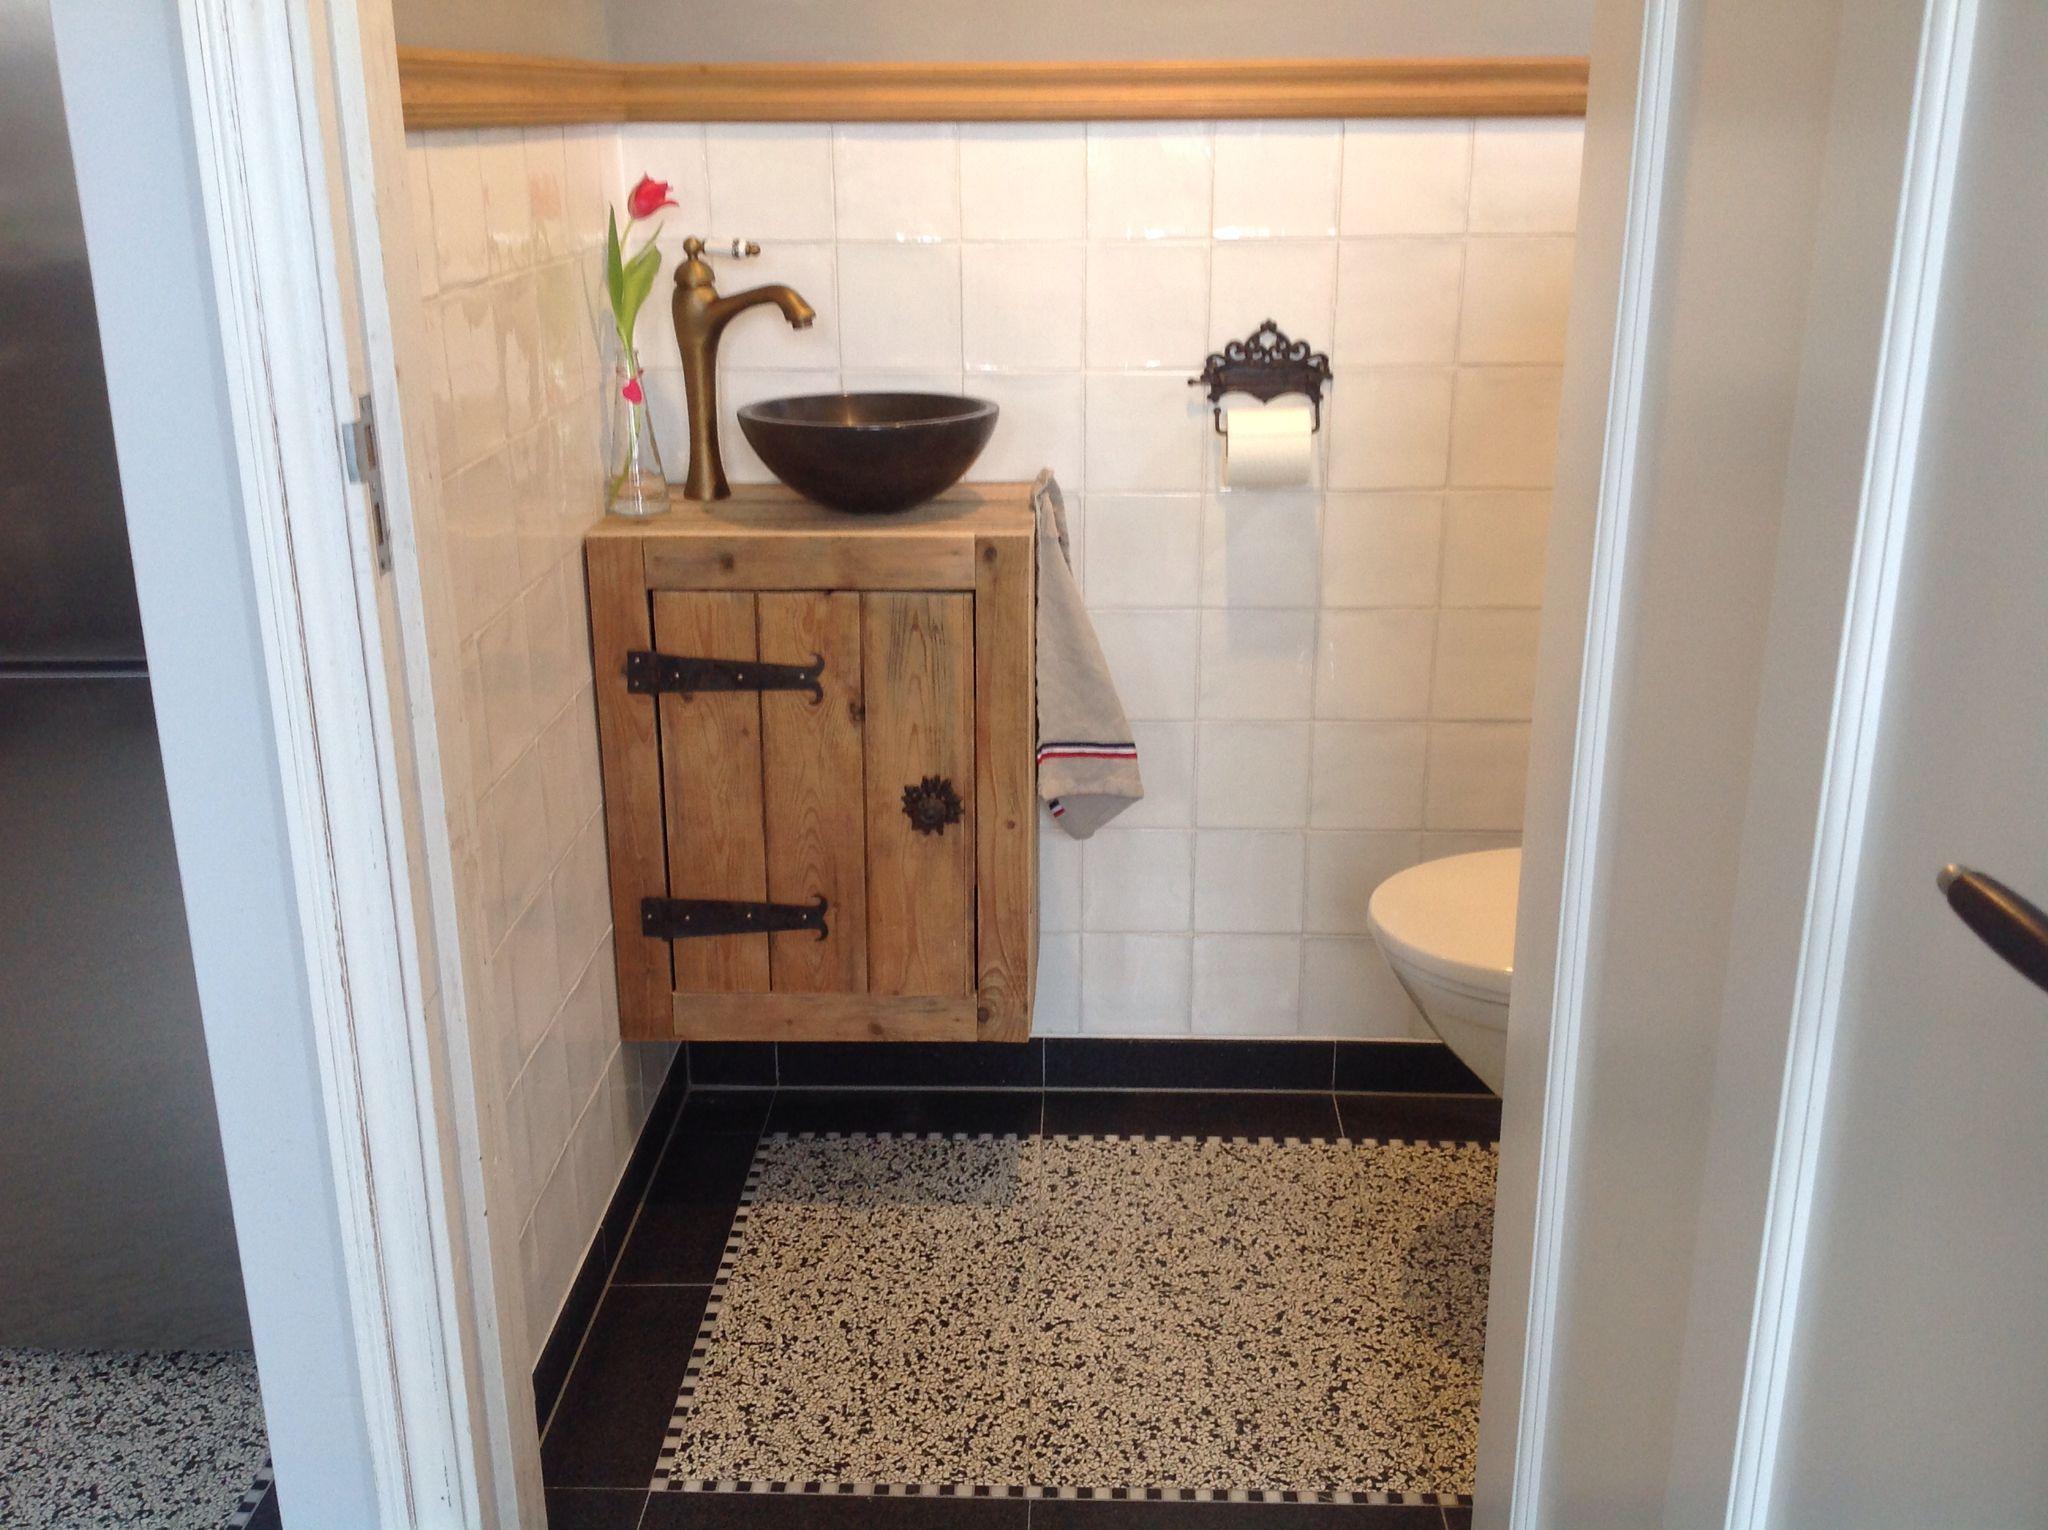 Fonteintje toilet van oud hout bathrooms in 2019 toilet